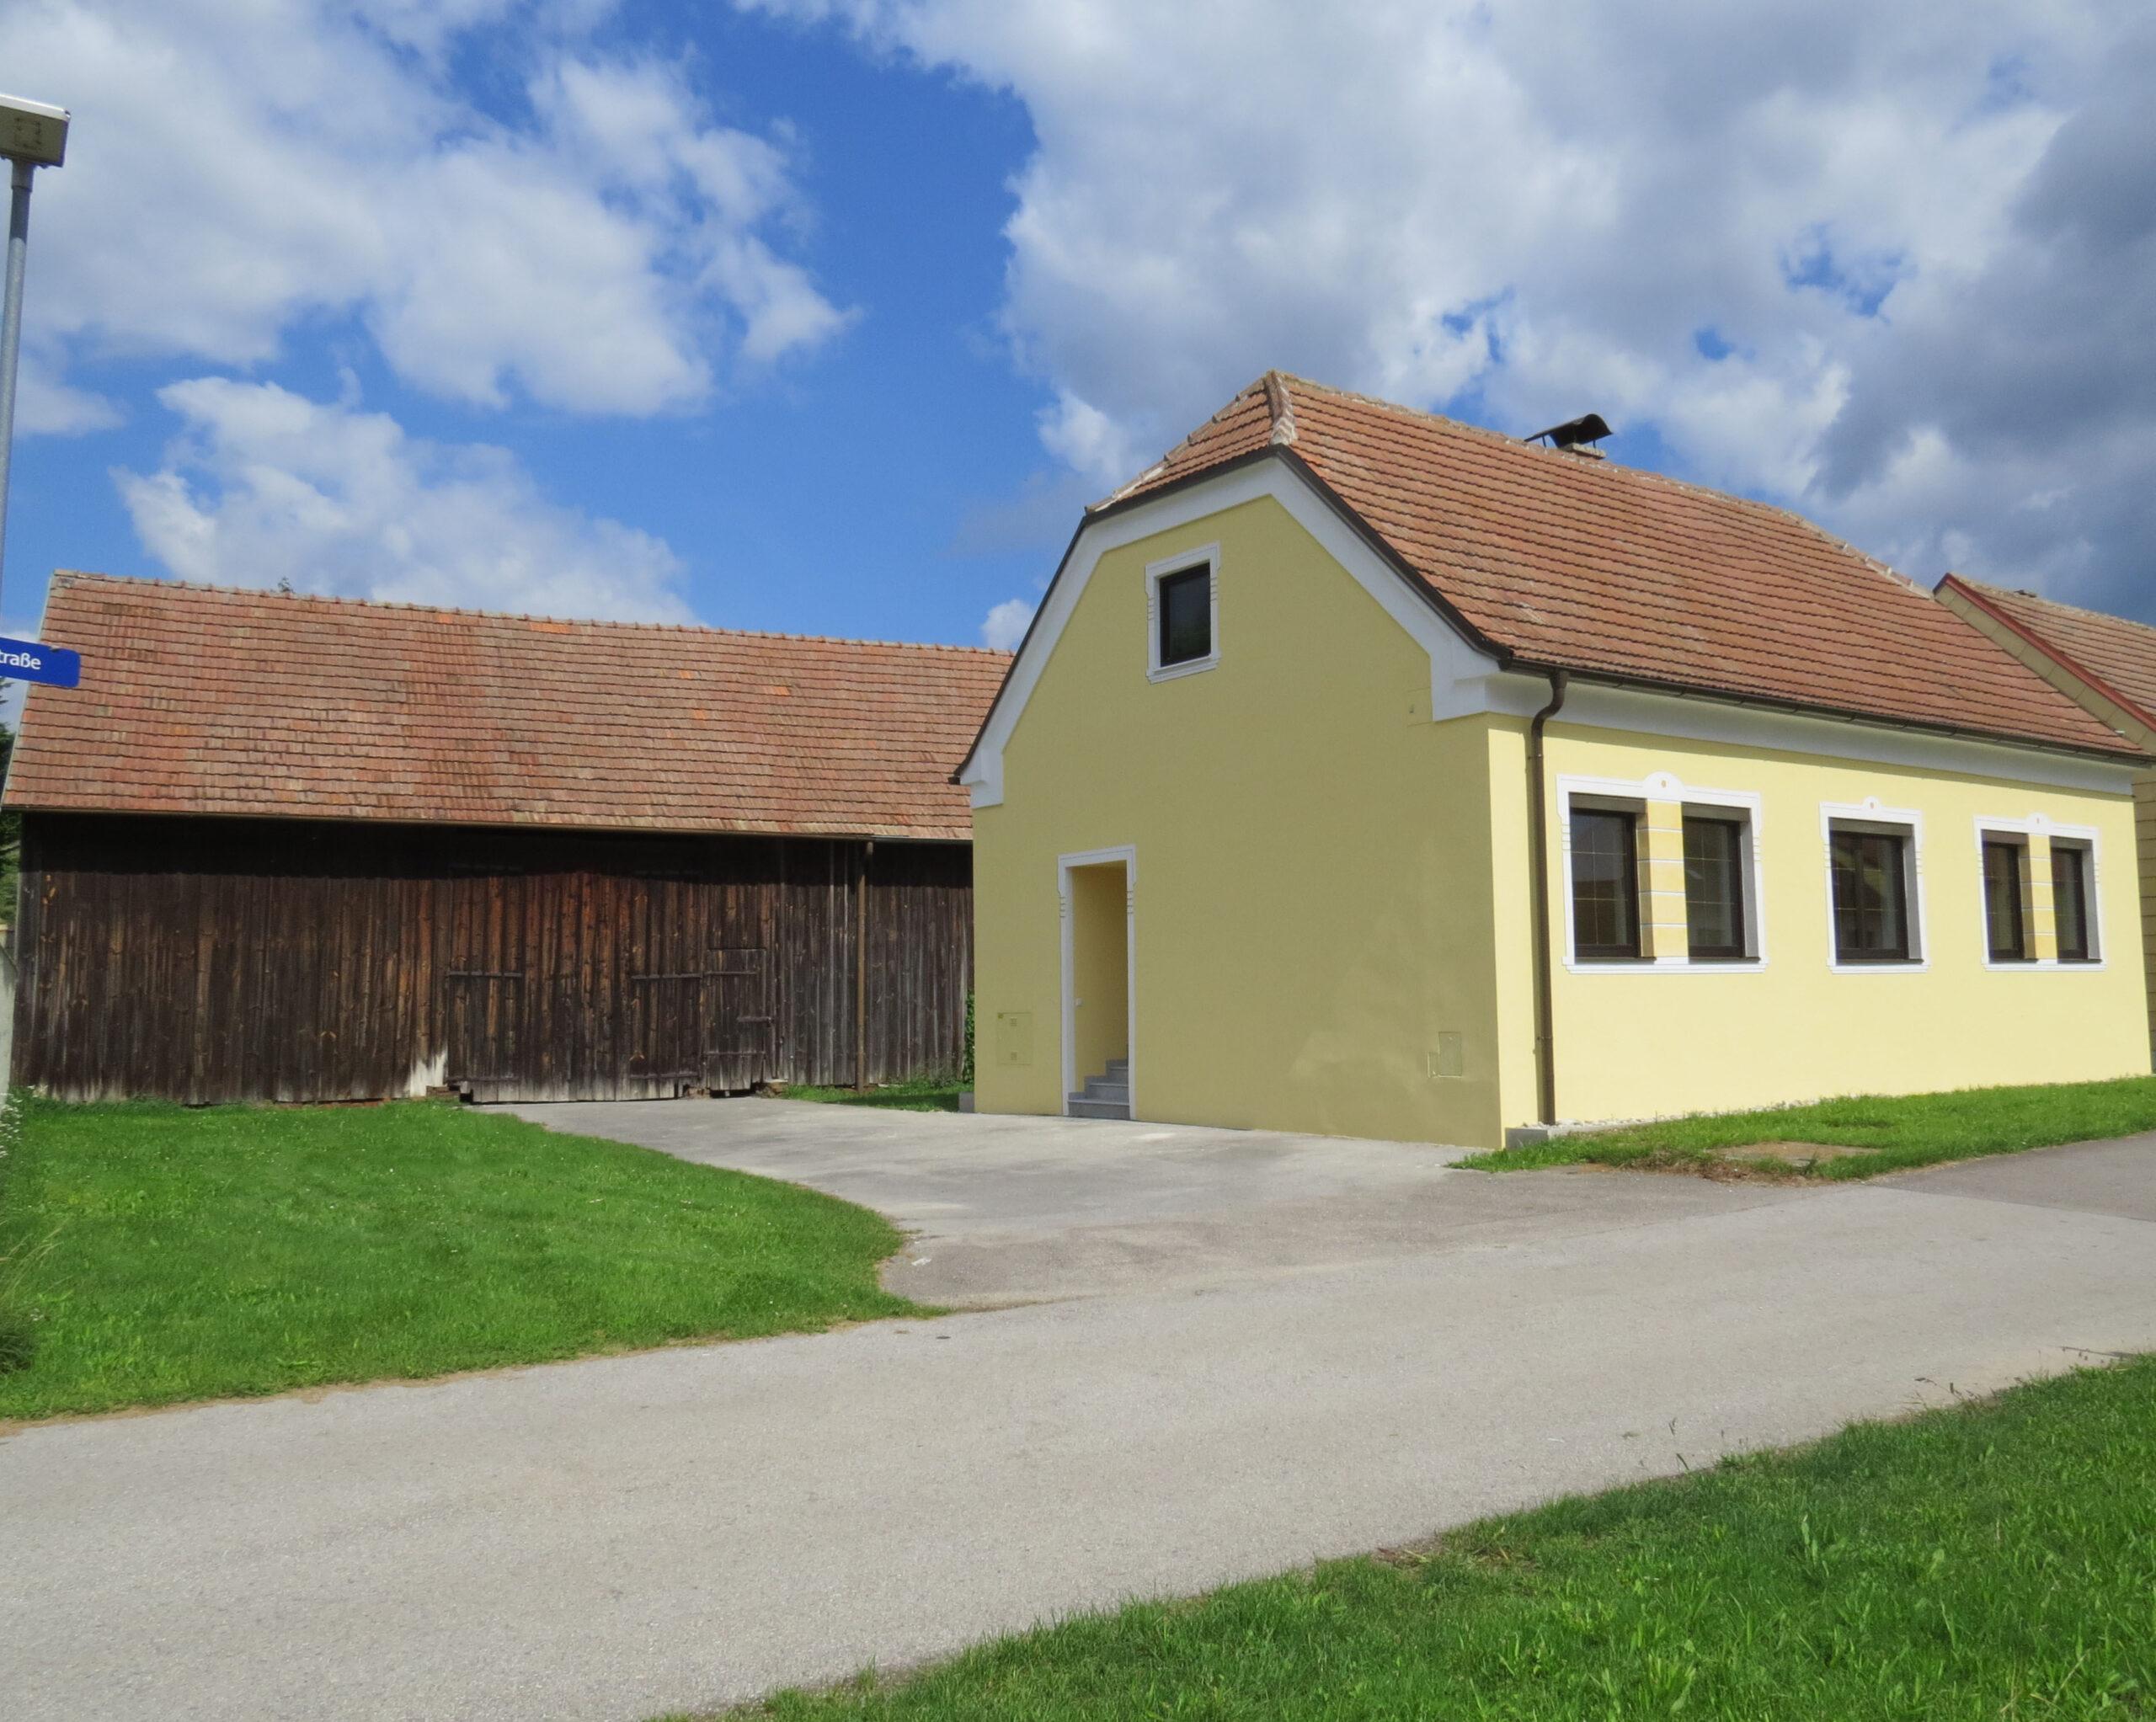 2011 Unterhautzental (Sierndorf): Neu saniertes Einfamilienhaus auf 1 Wohnebene mit kleinem Garten